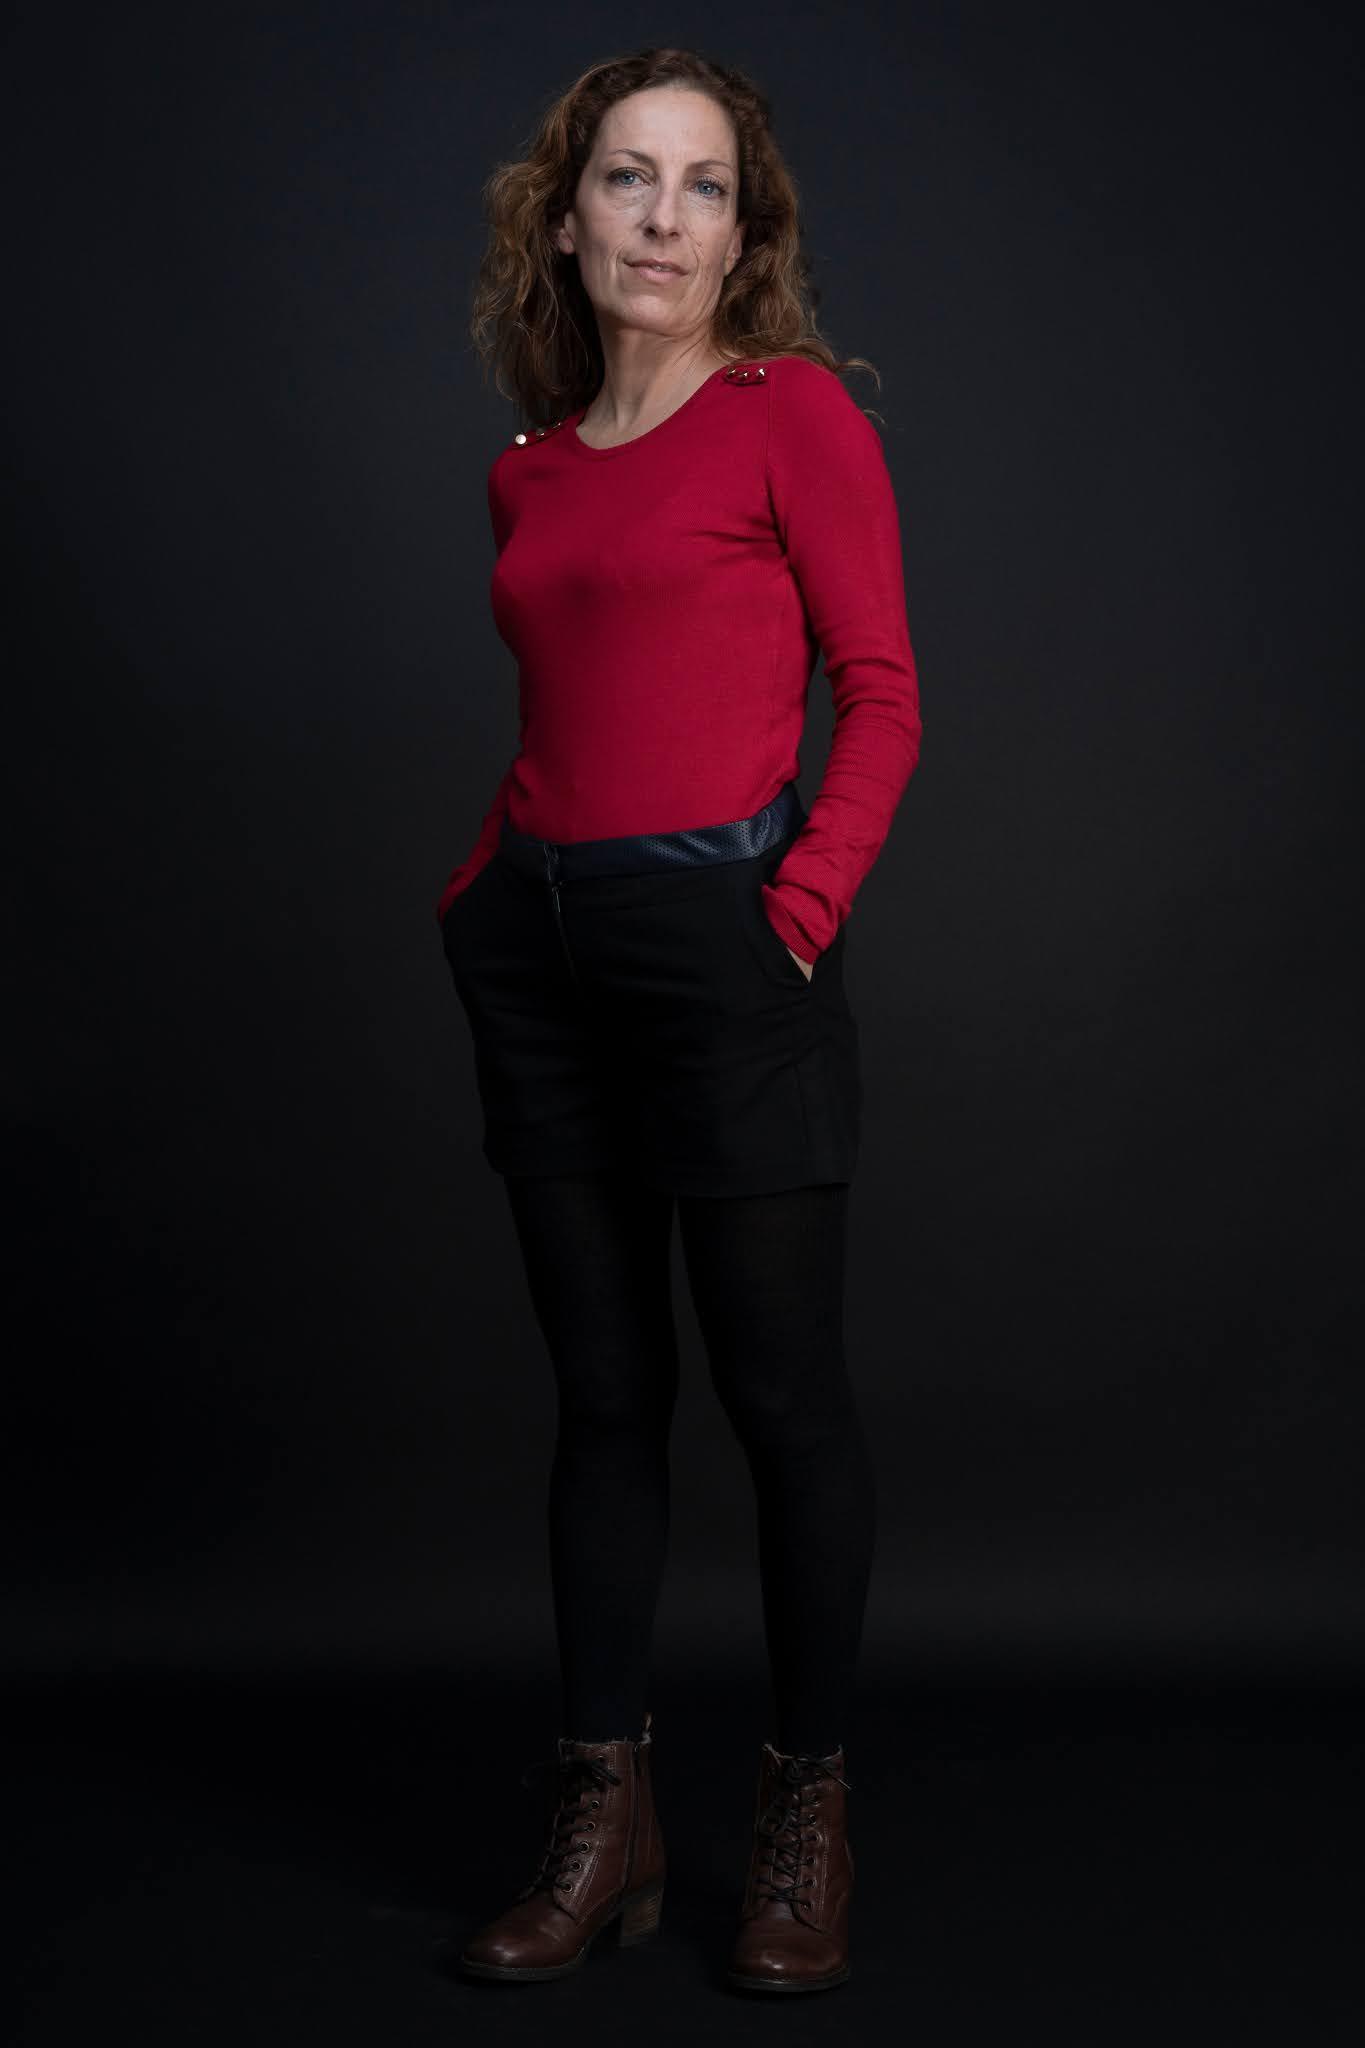 Nathalie Buiguès